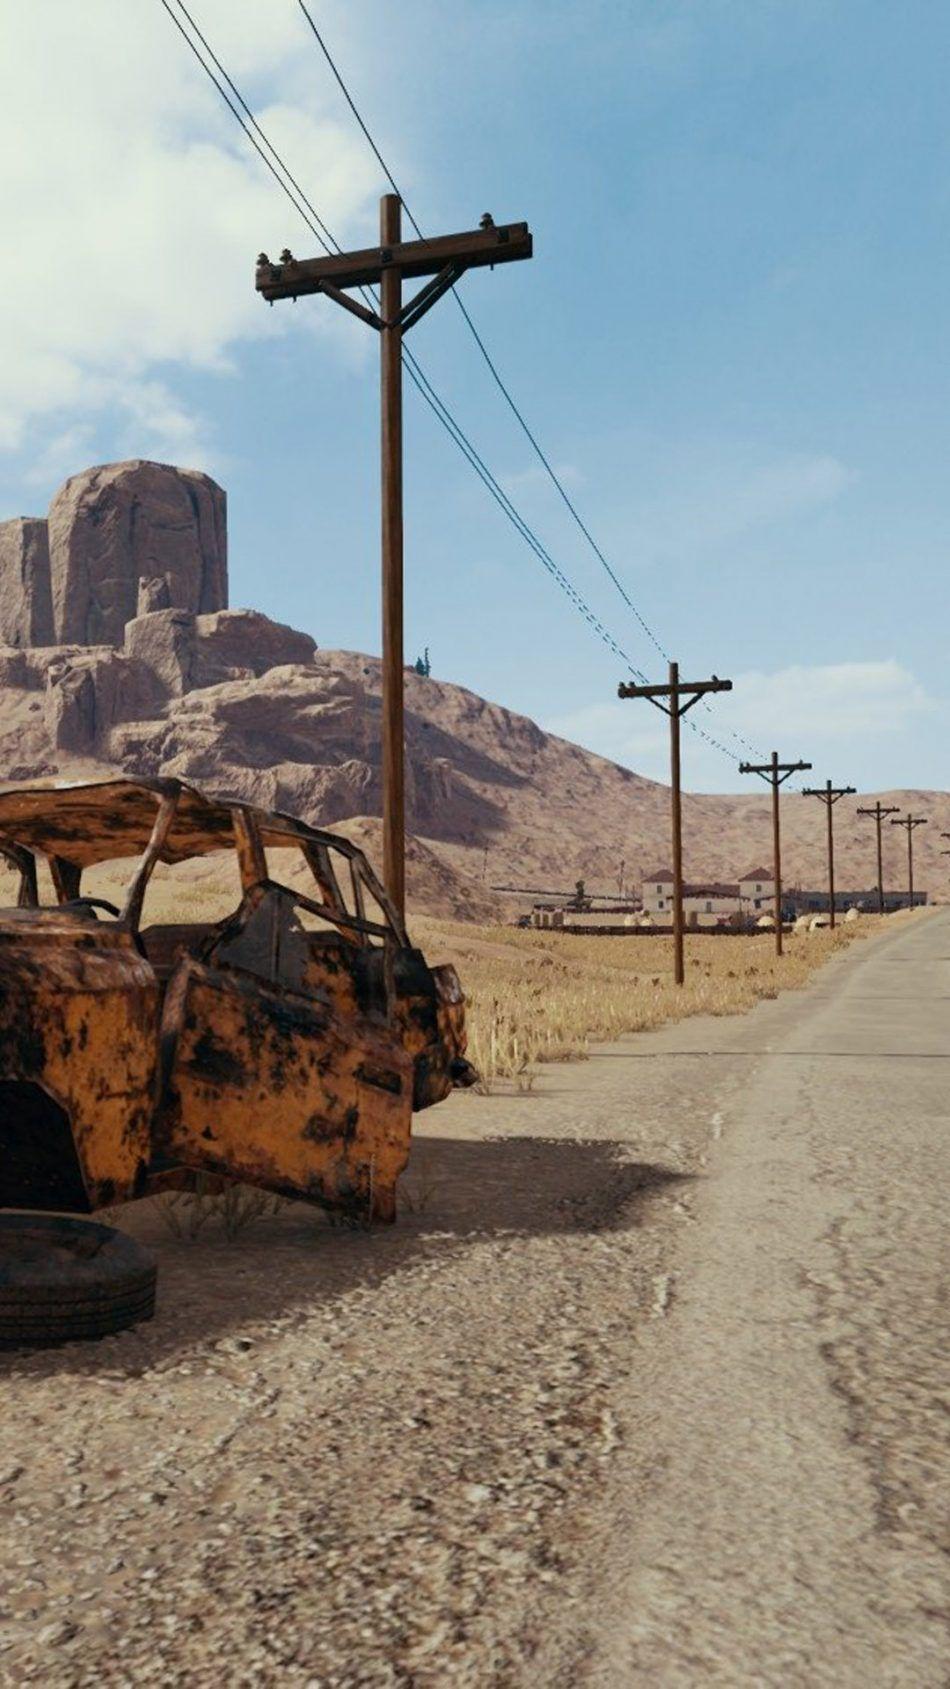 Road To Miramar Desert Playerunknown's Battlegrounds - Pubg Miramar Wallpaper Hd , HD Wallpaper & Backgrounds